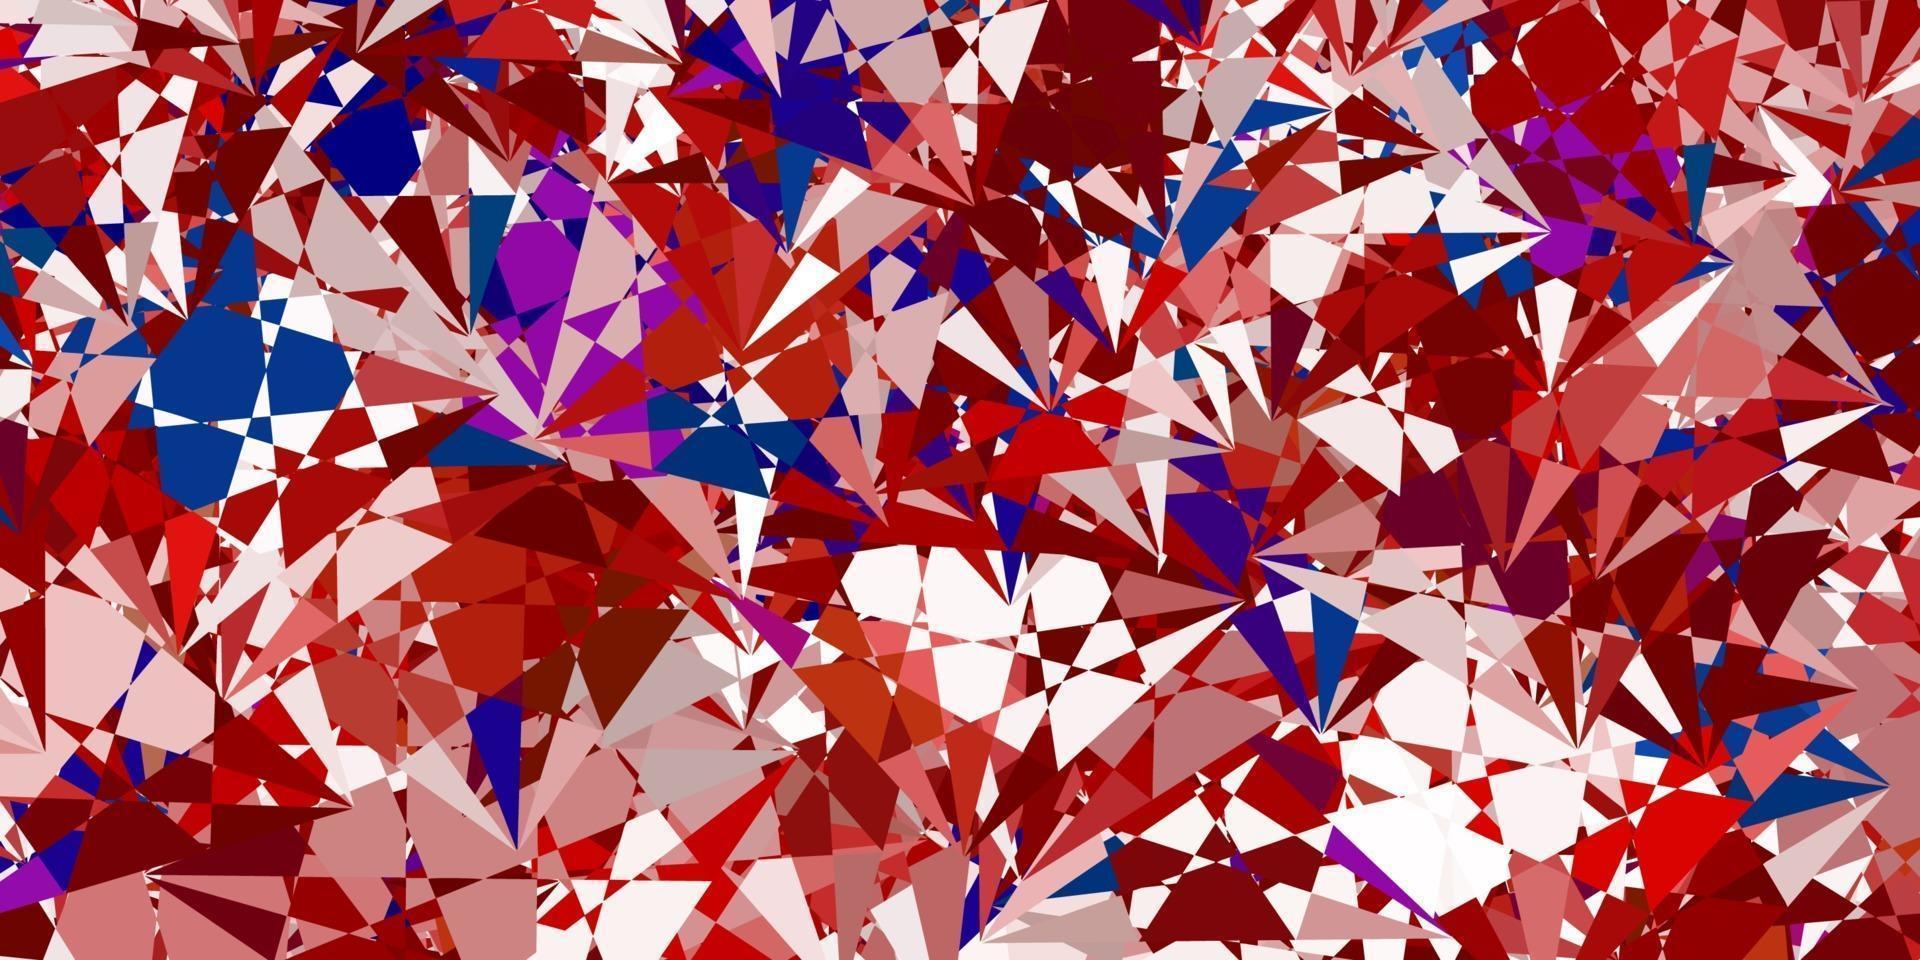 ljusblå, röd vektorbakgrund med trianglar. vektor